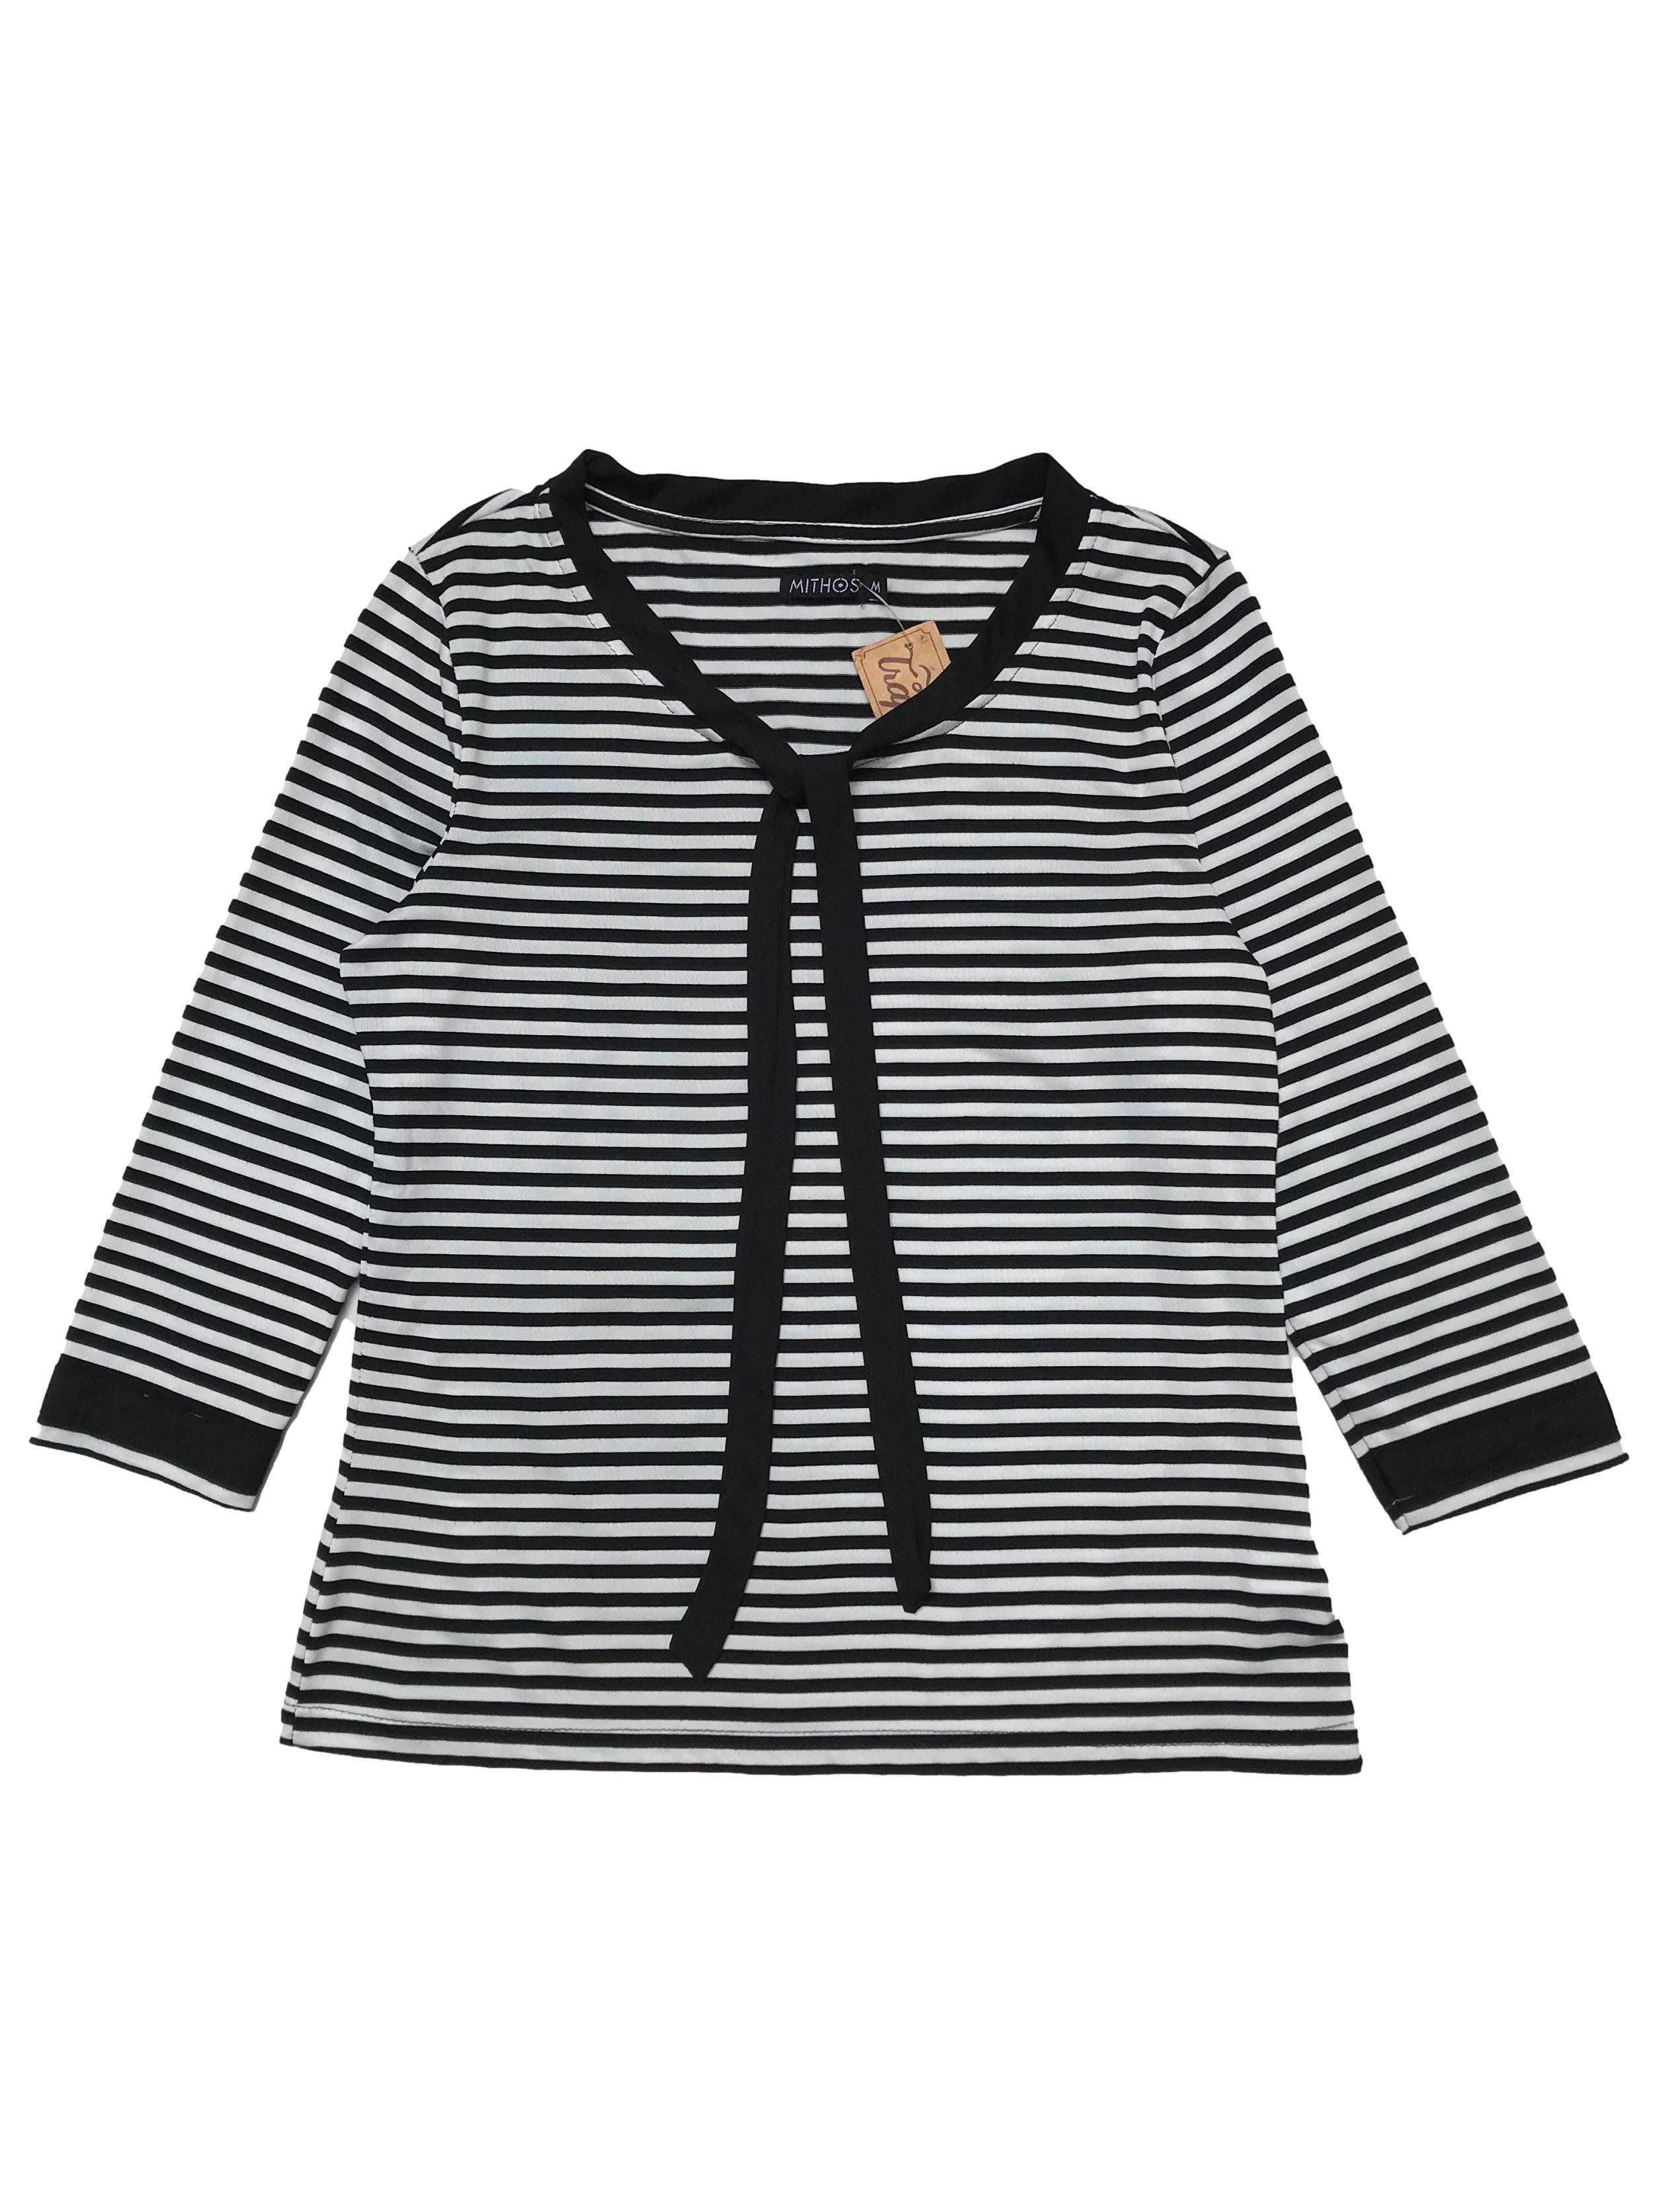 Polo a rayas blancas y negras, manga 3/4, con ribetes y lazo de gasa, tela de viscosa stretch. Bustp 96cm Largo 55cm